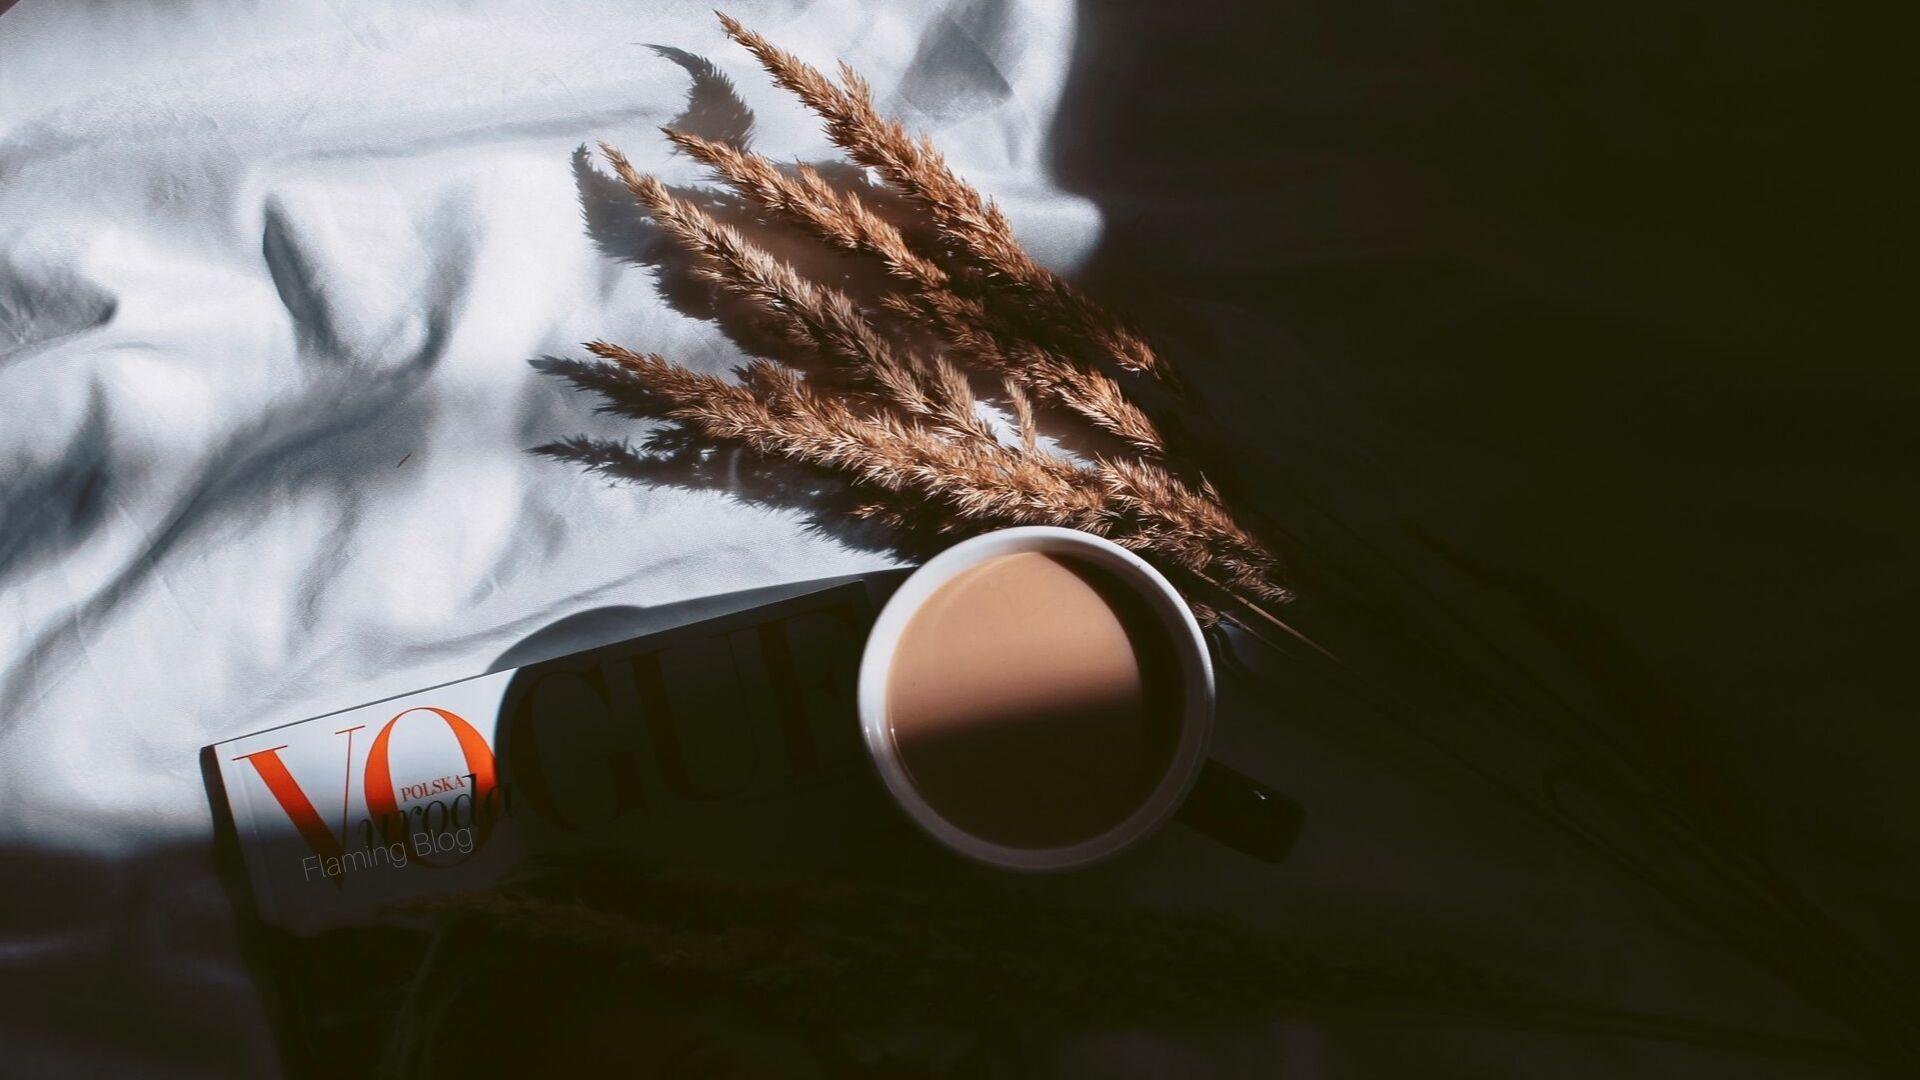 Tapety Październik listopad jesień 2019 kawa